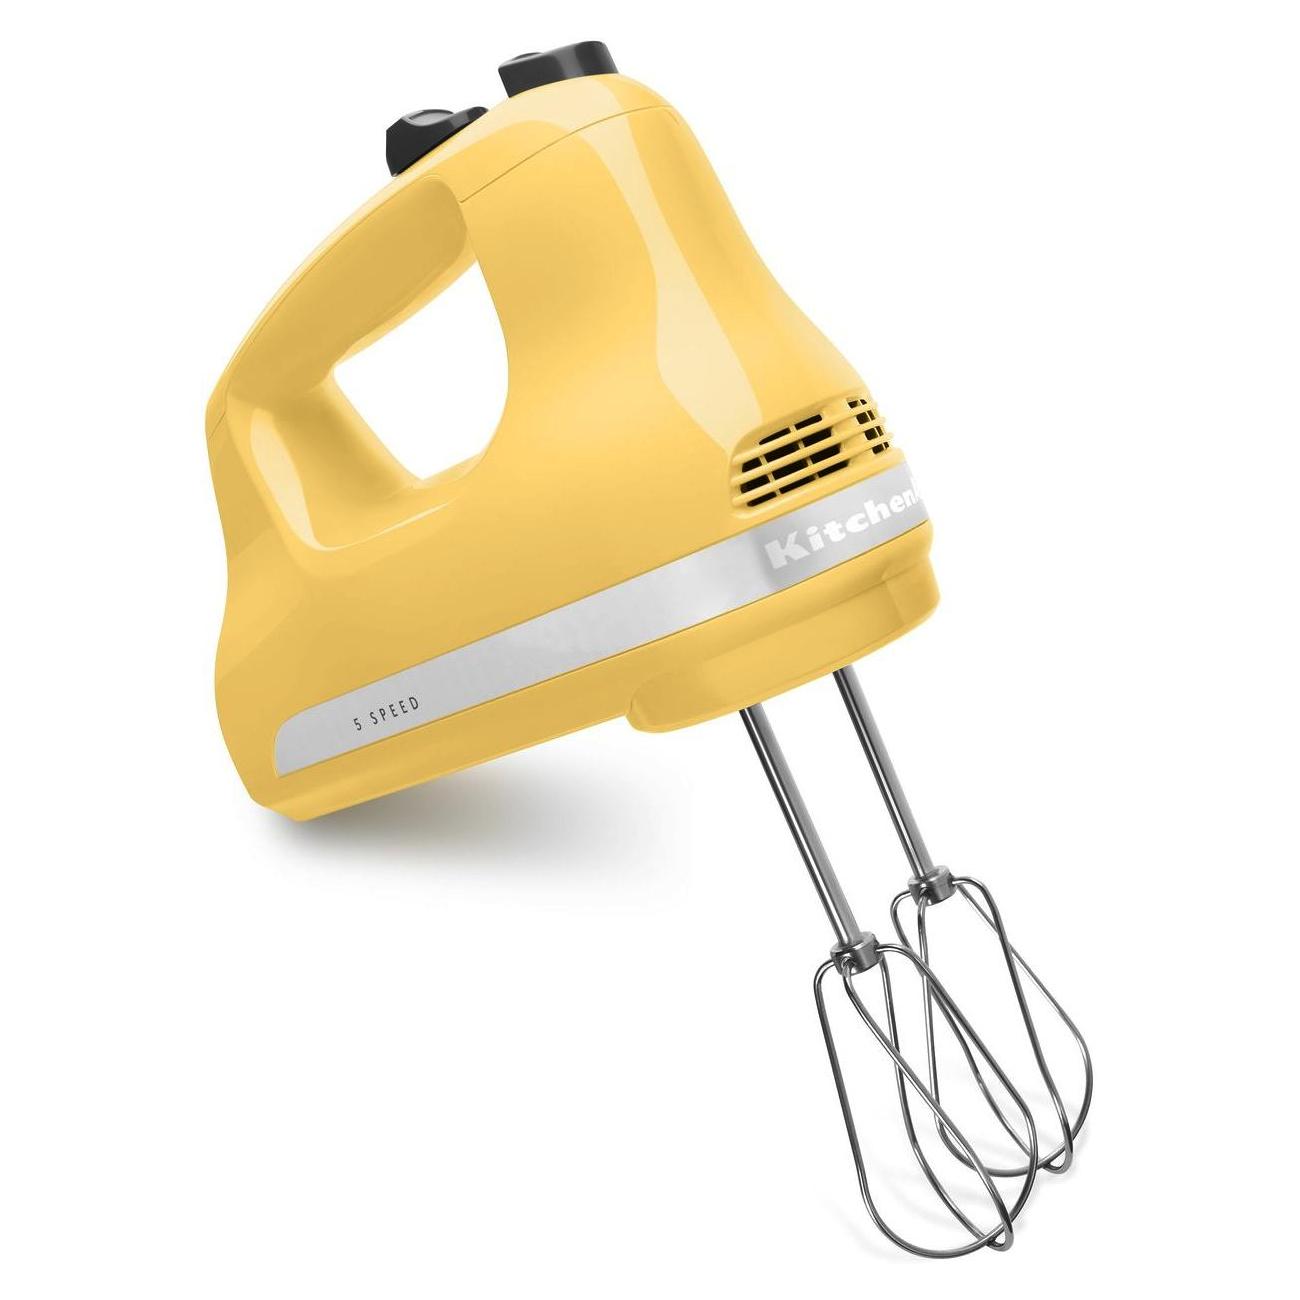 KitchenAid Ultra Power Majestic Yellow 5 Speed Hand Mixer